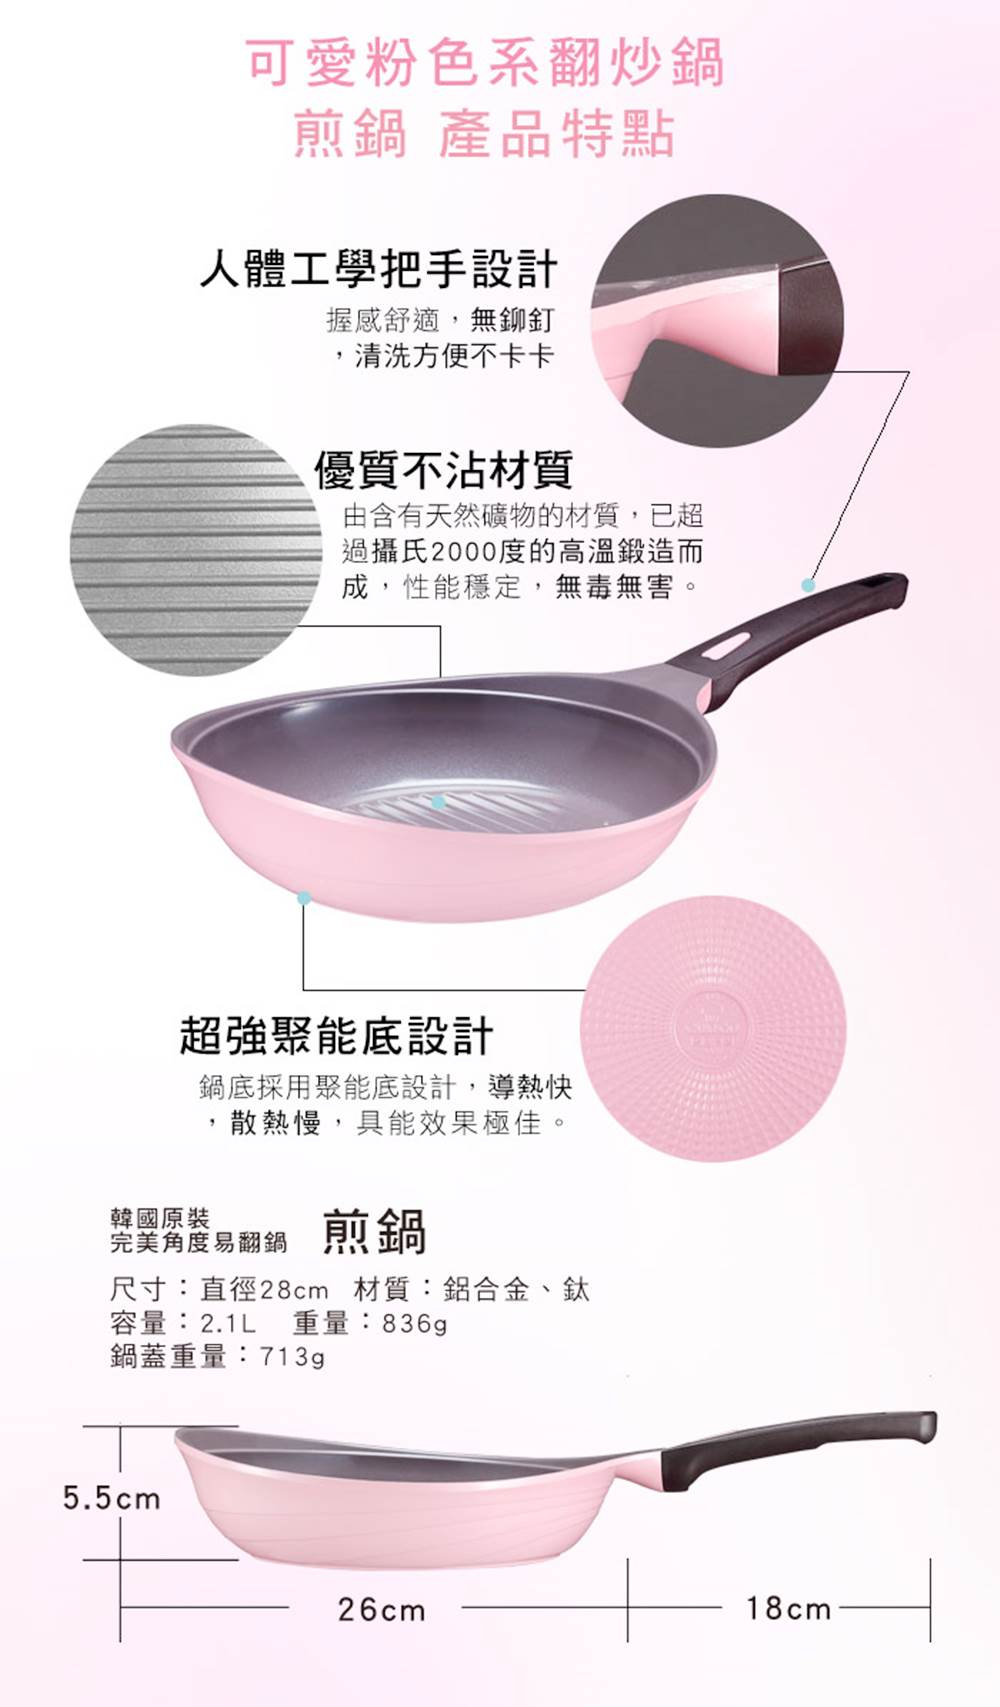 蔥媽媽 粉紅煎鍋 人體工學把手 不沾材質 煮菜導熱快